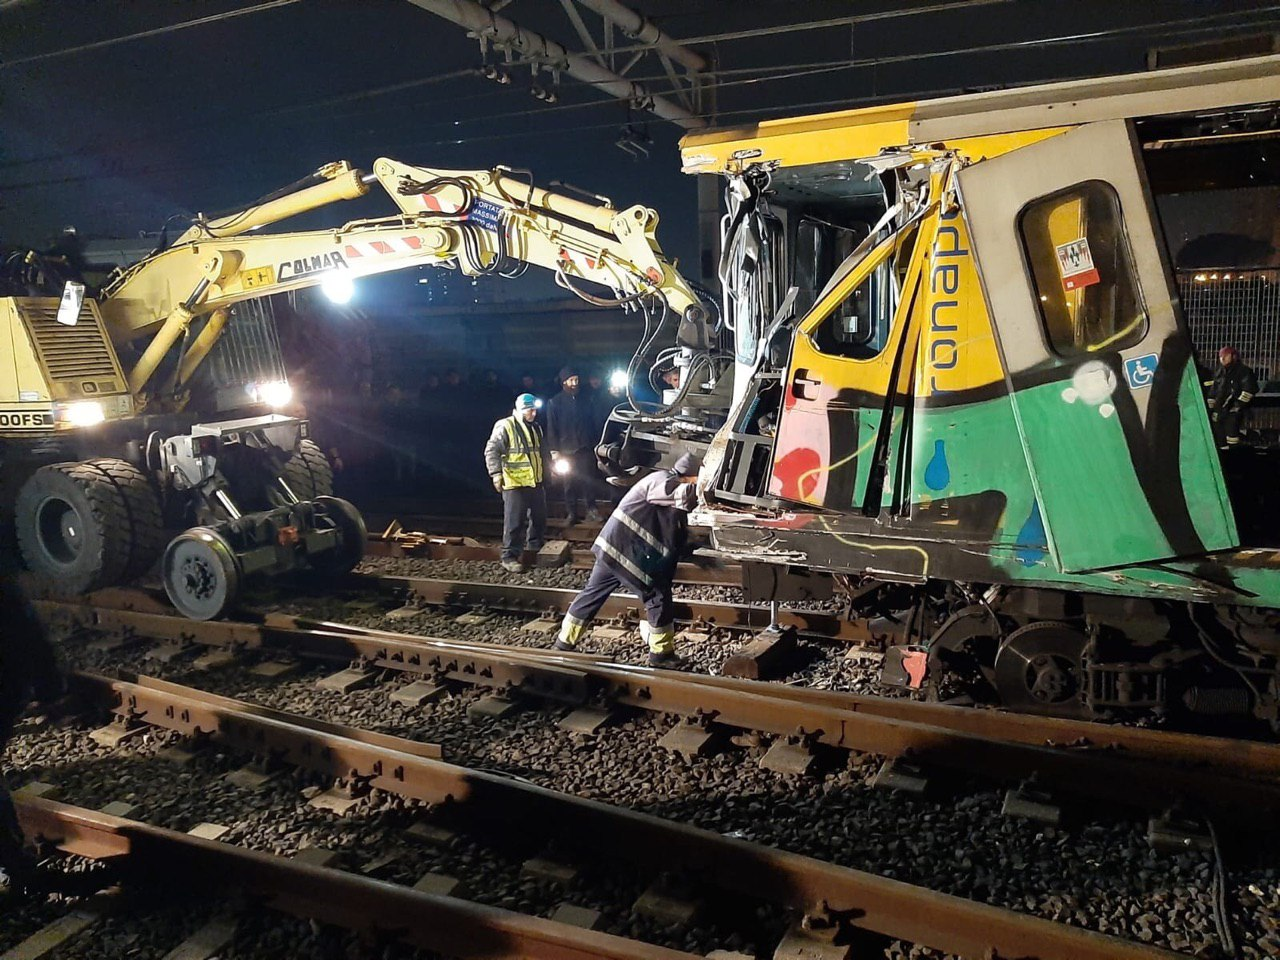 Incidente nella metro di Napoli: la vera sciagura è l'amministrazione comunale e aziendale!